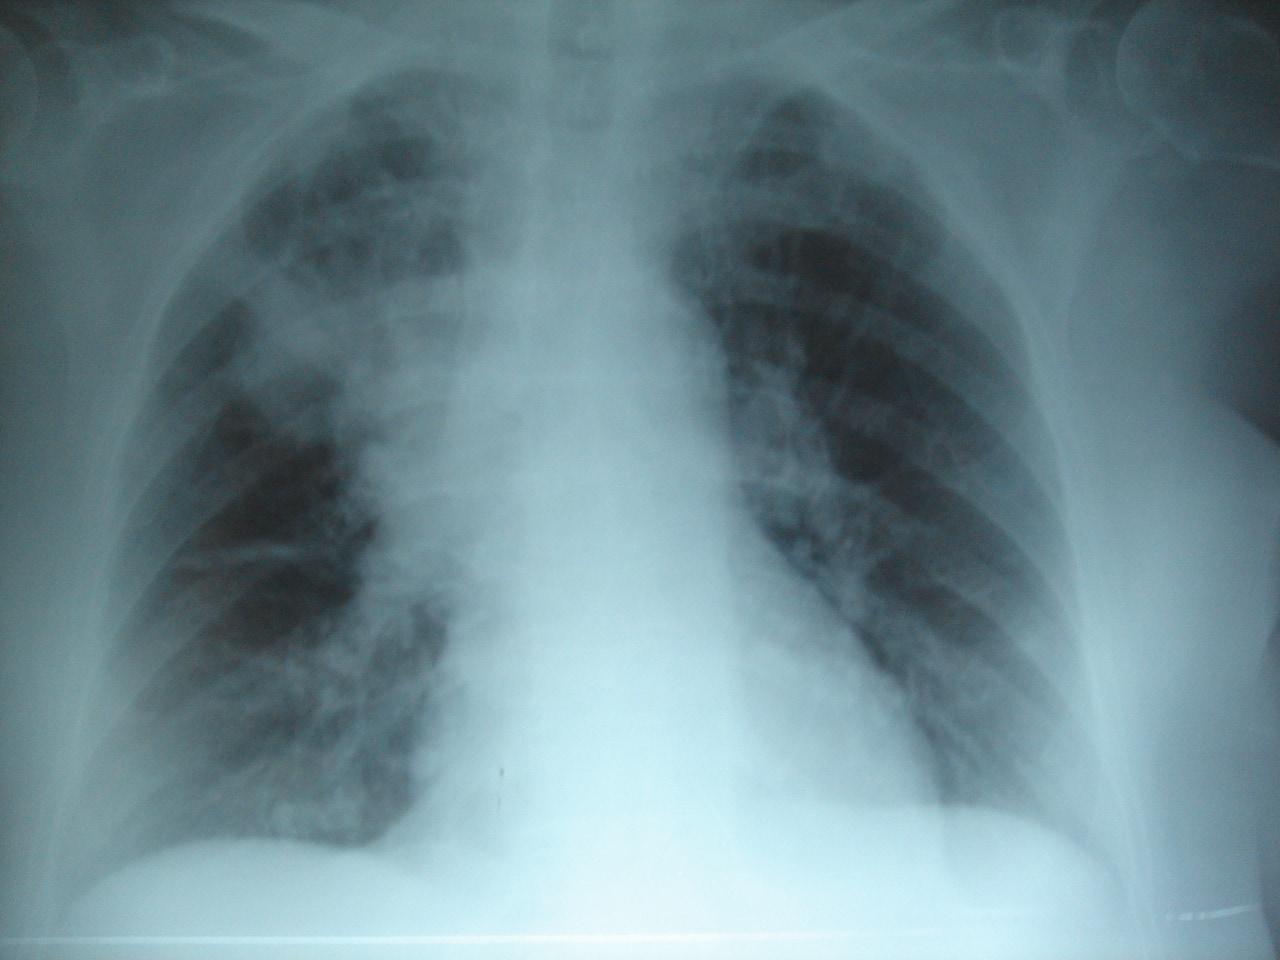 Cómo diagnosticar la infección pulmonar o neumonía asociada a la ventilación